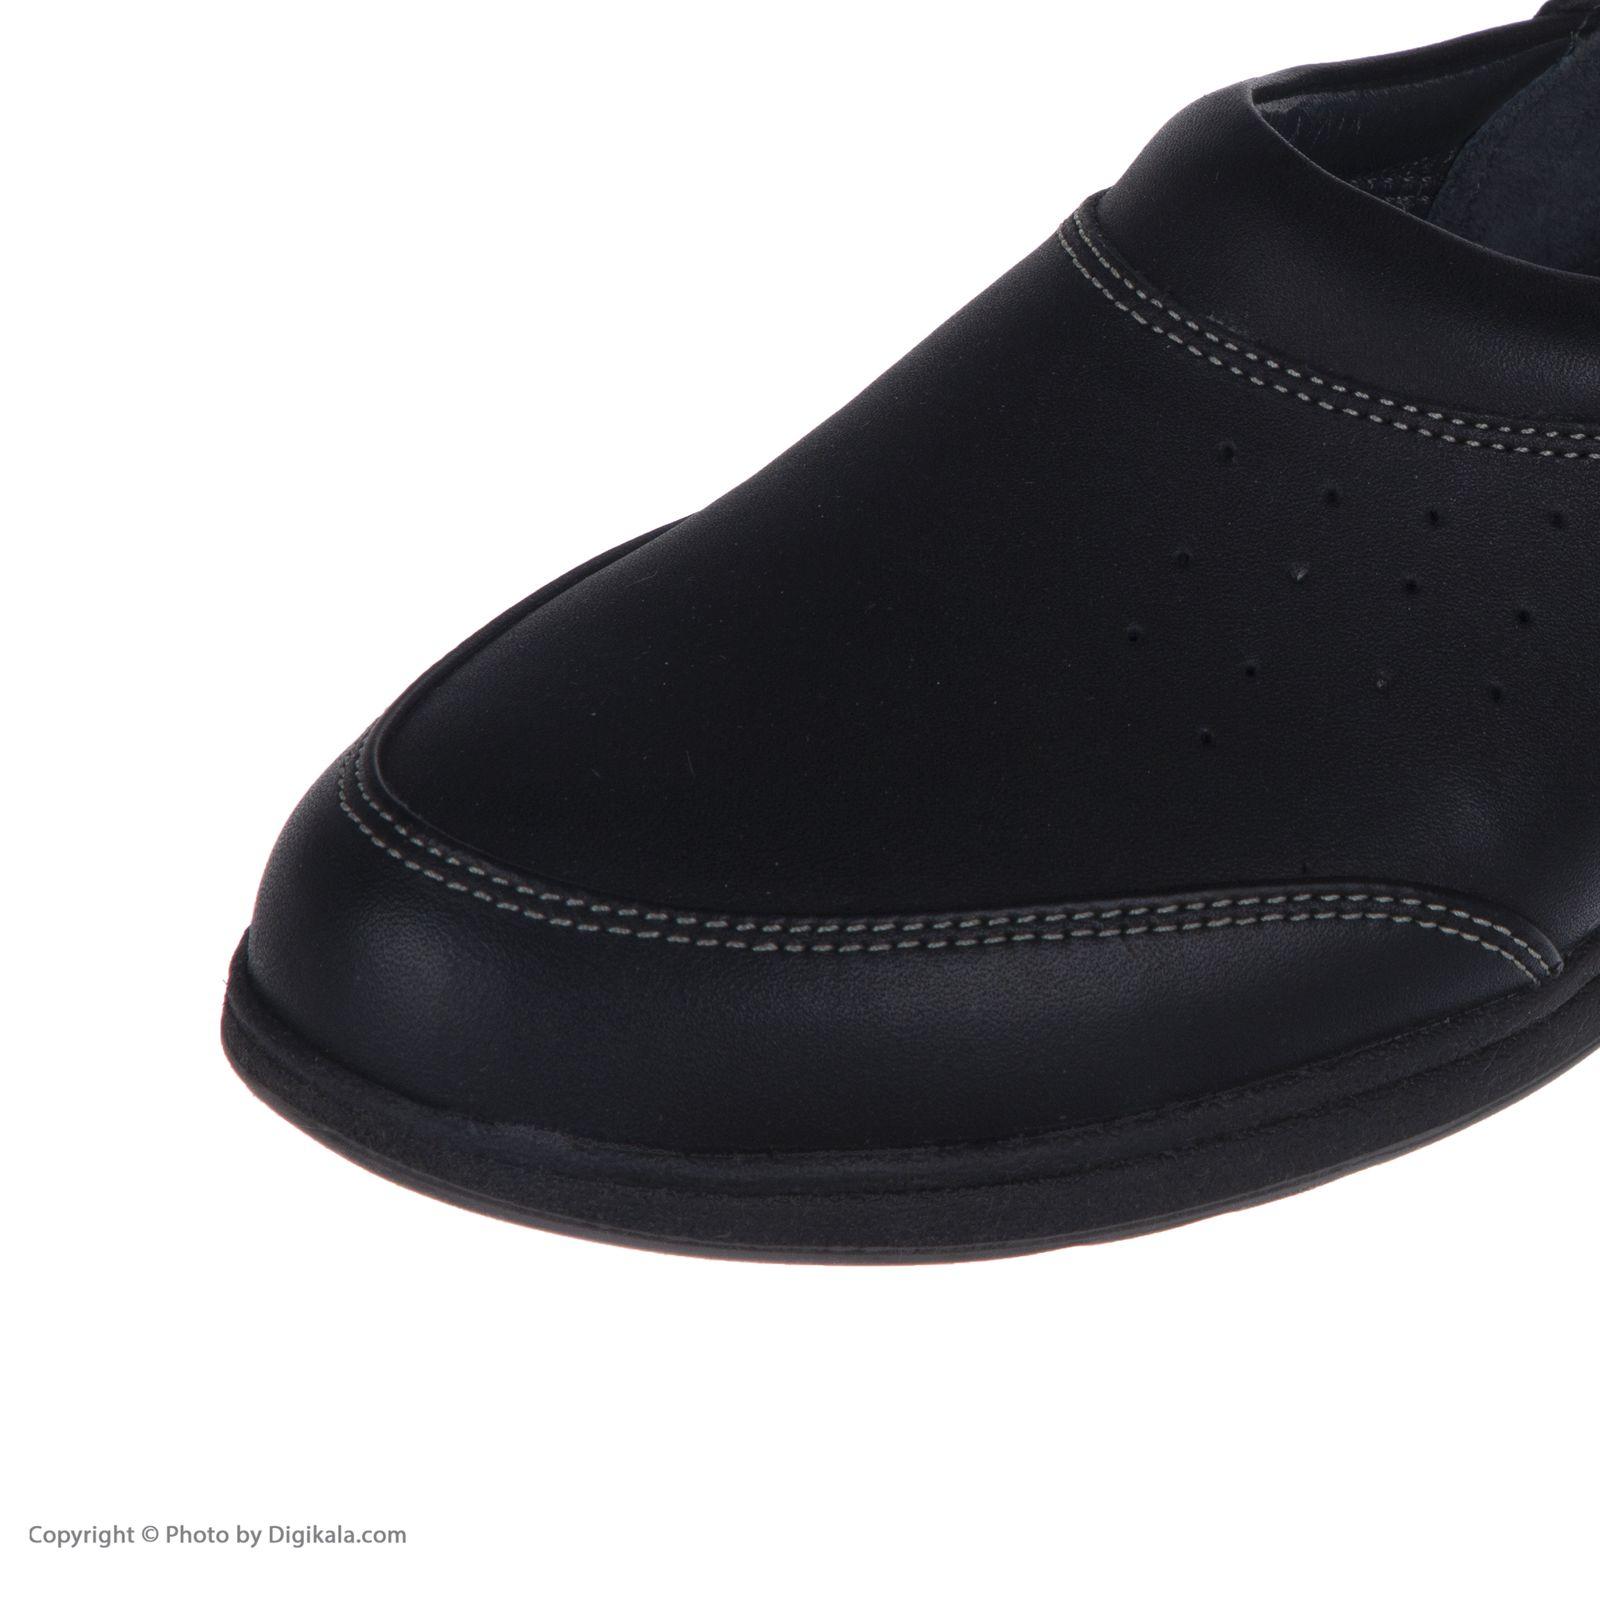 کفش روزمره زنانه سوته مدل 2959B500101 -  - 8